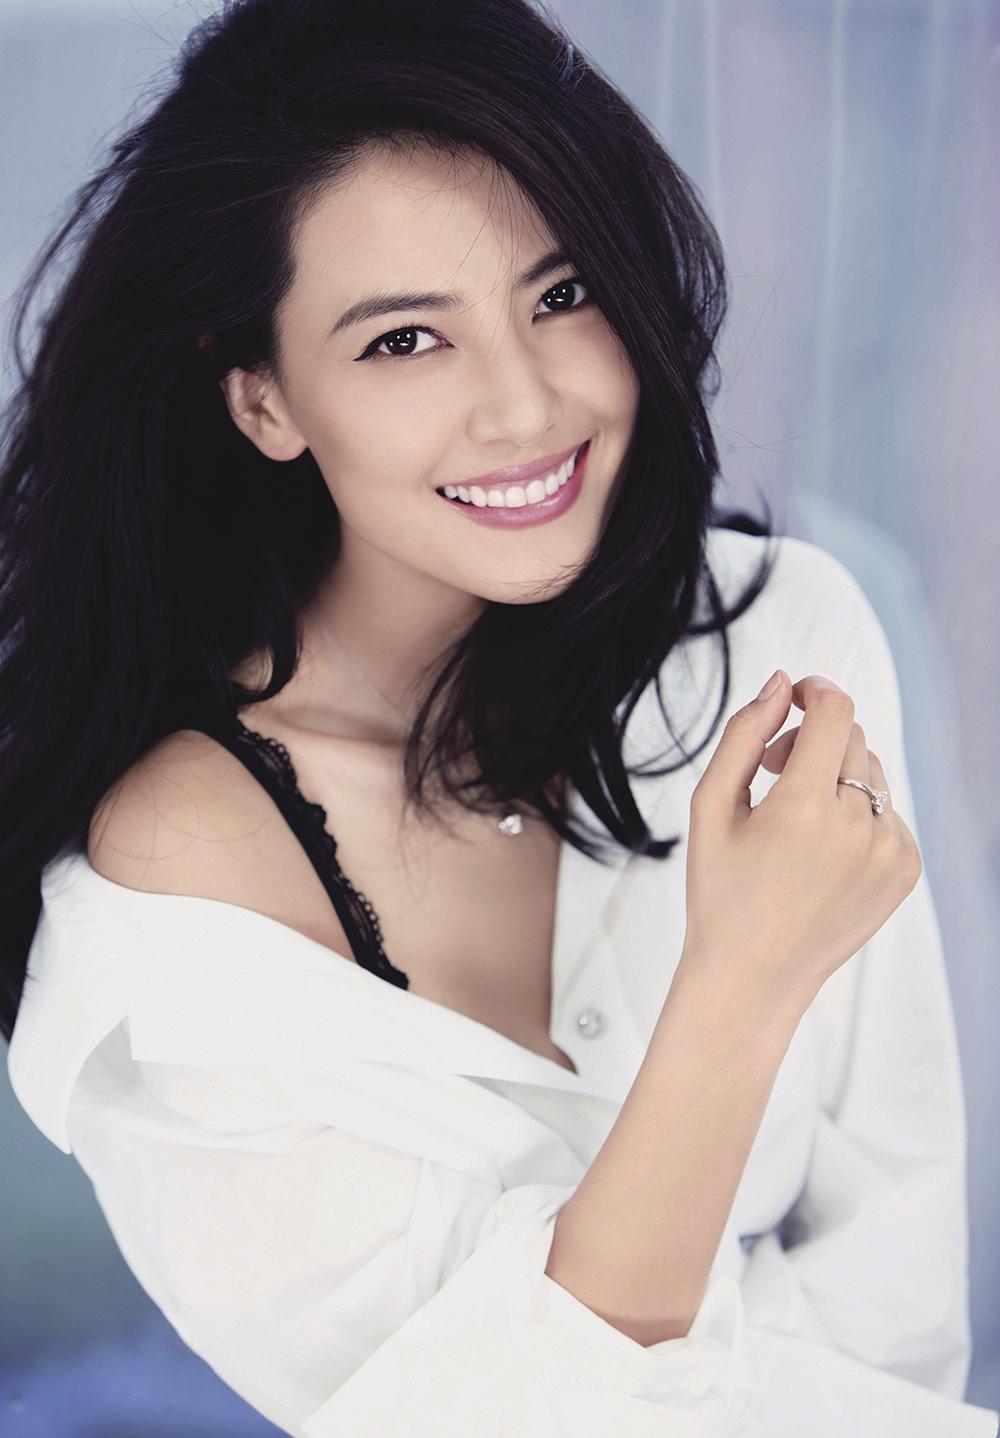 gaoyuanyuan27